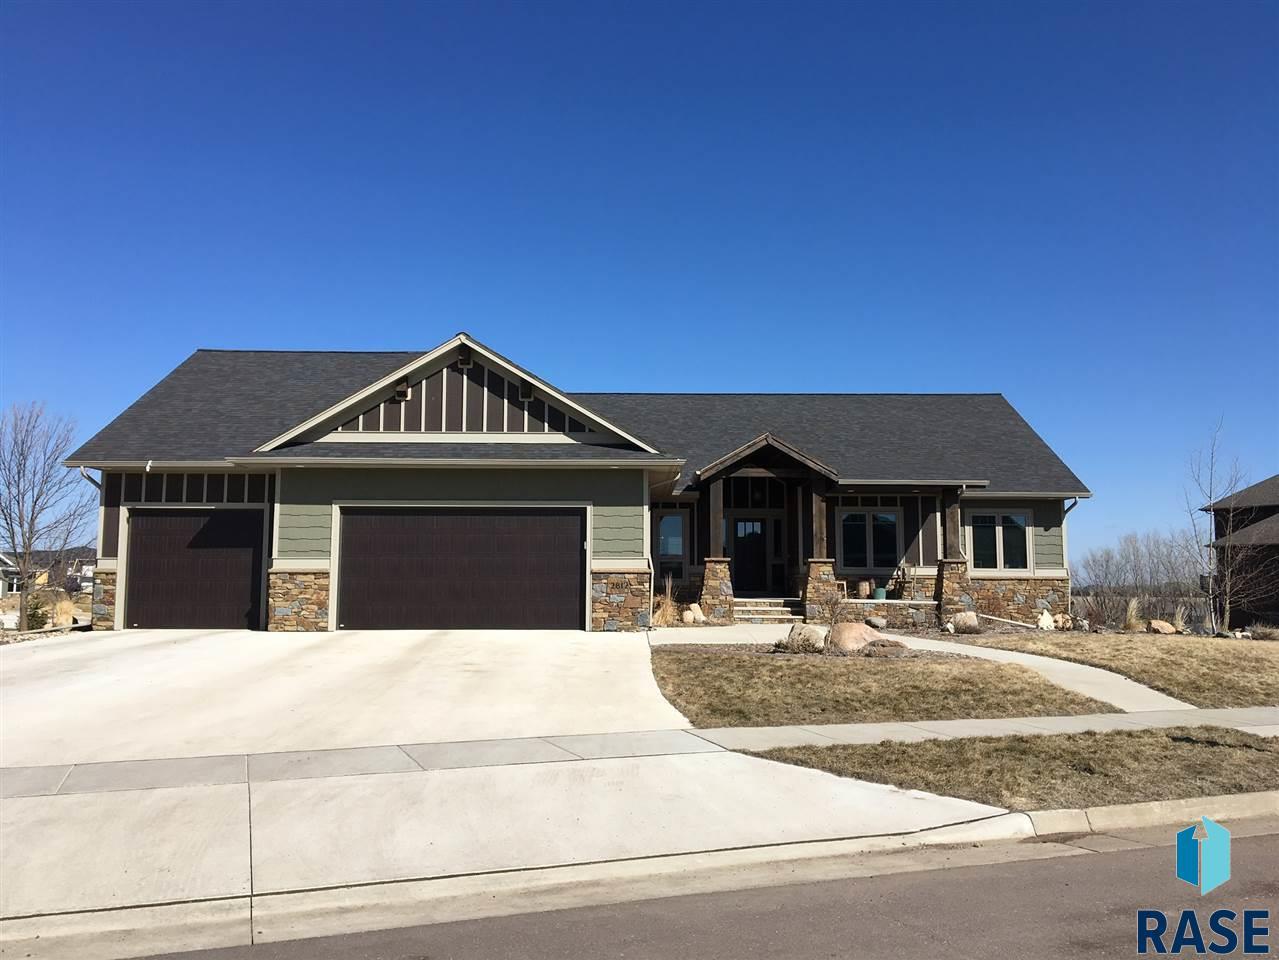 2812 W Stratton Cir. Cir, Sioux Falls, SD 57108